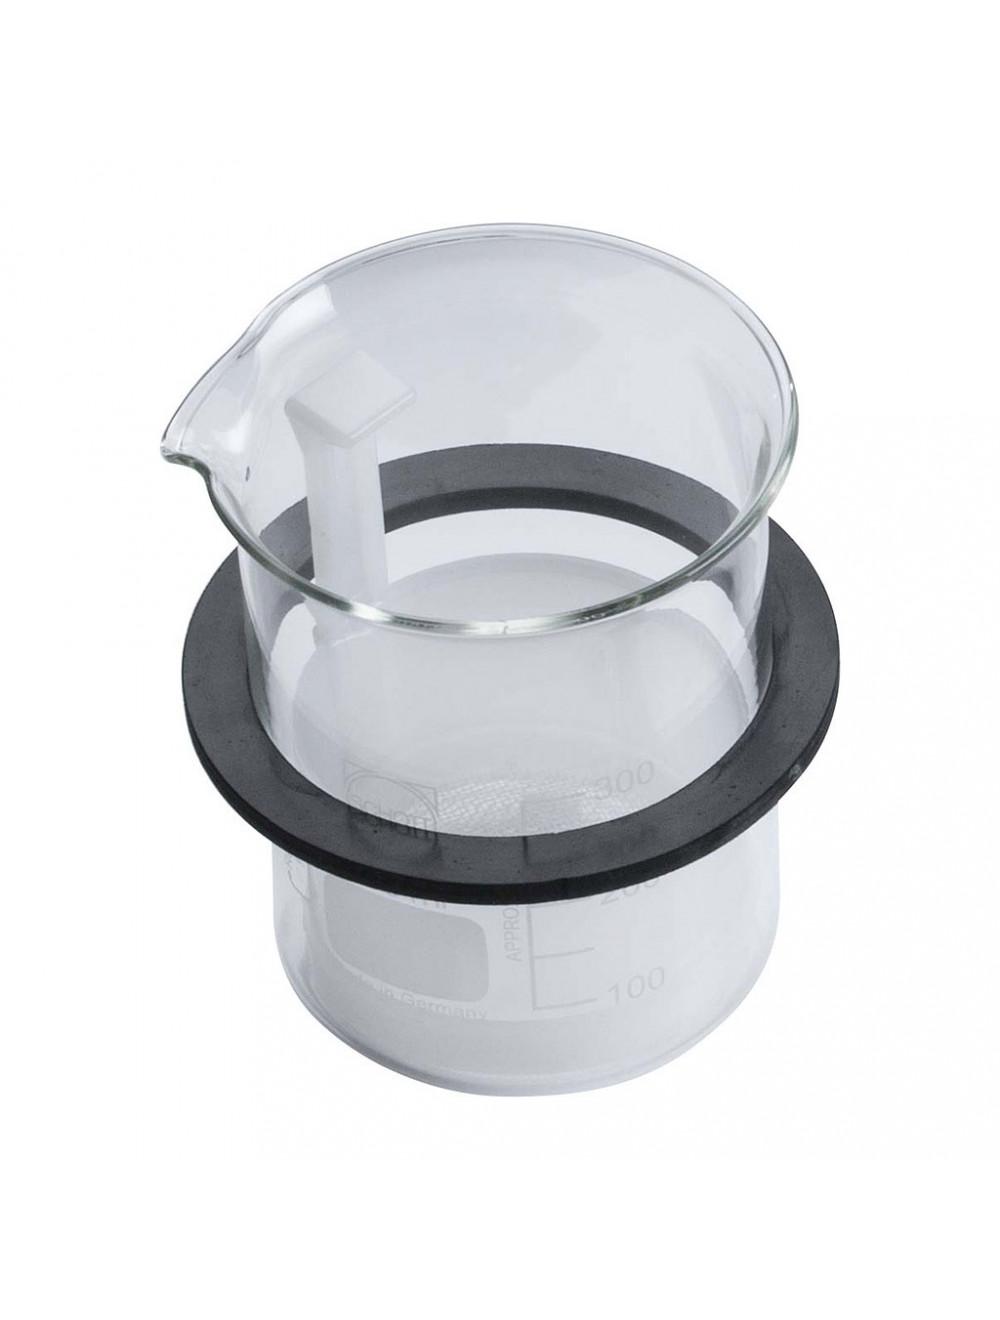 Das Produkt Reitel Glasbecher für SONIRET Glashalter 20402000 aus dem Global-dent online shop.